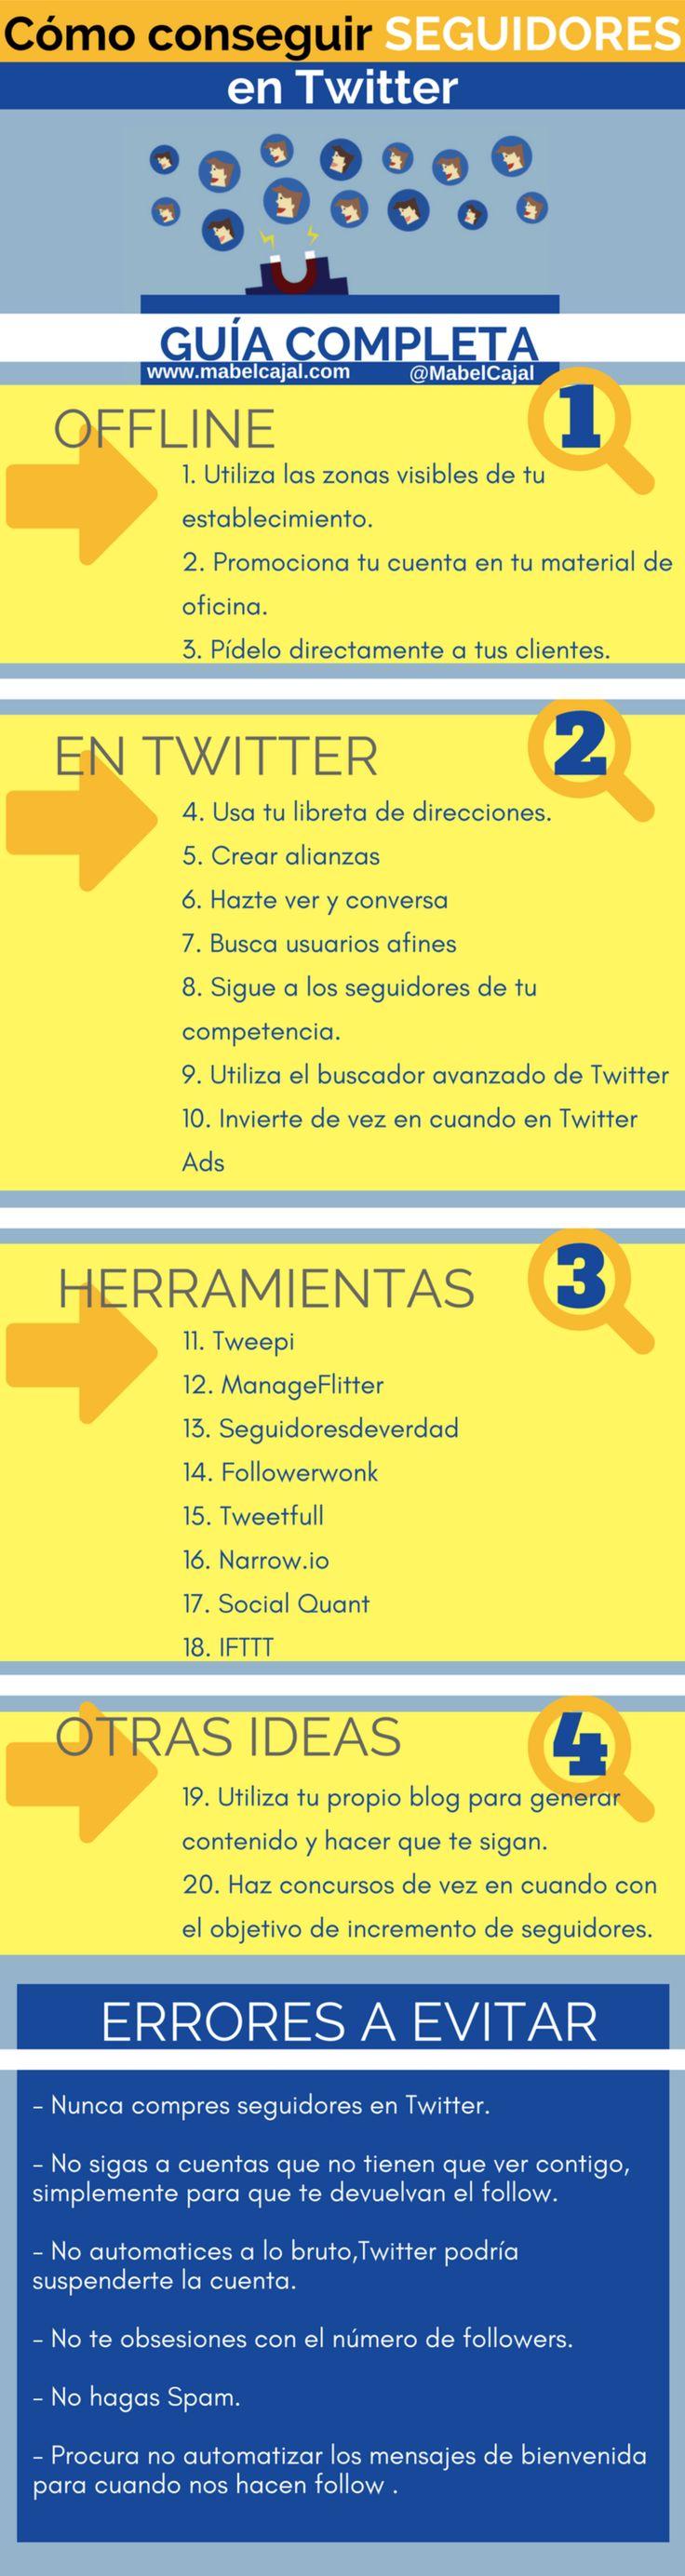 Cómo conseguir más seguidores en Twitter #infografia